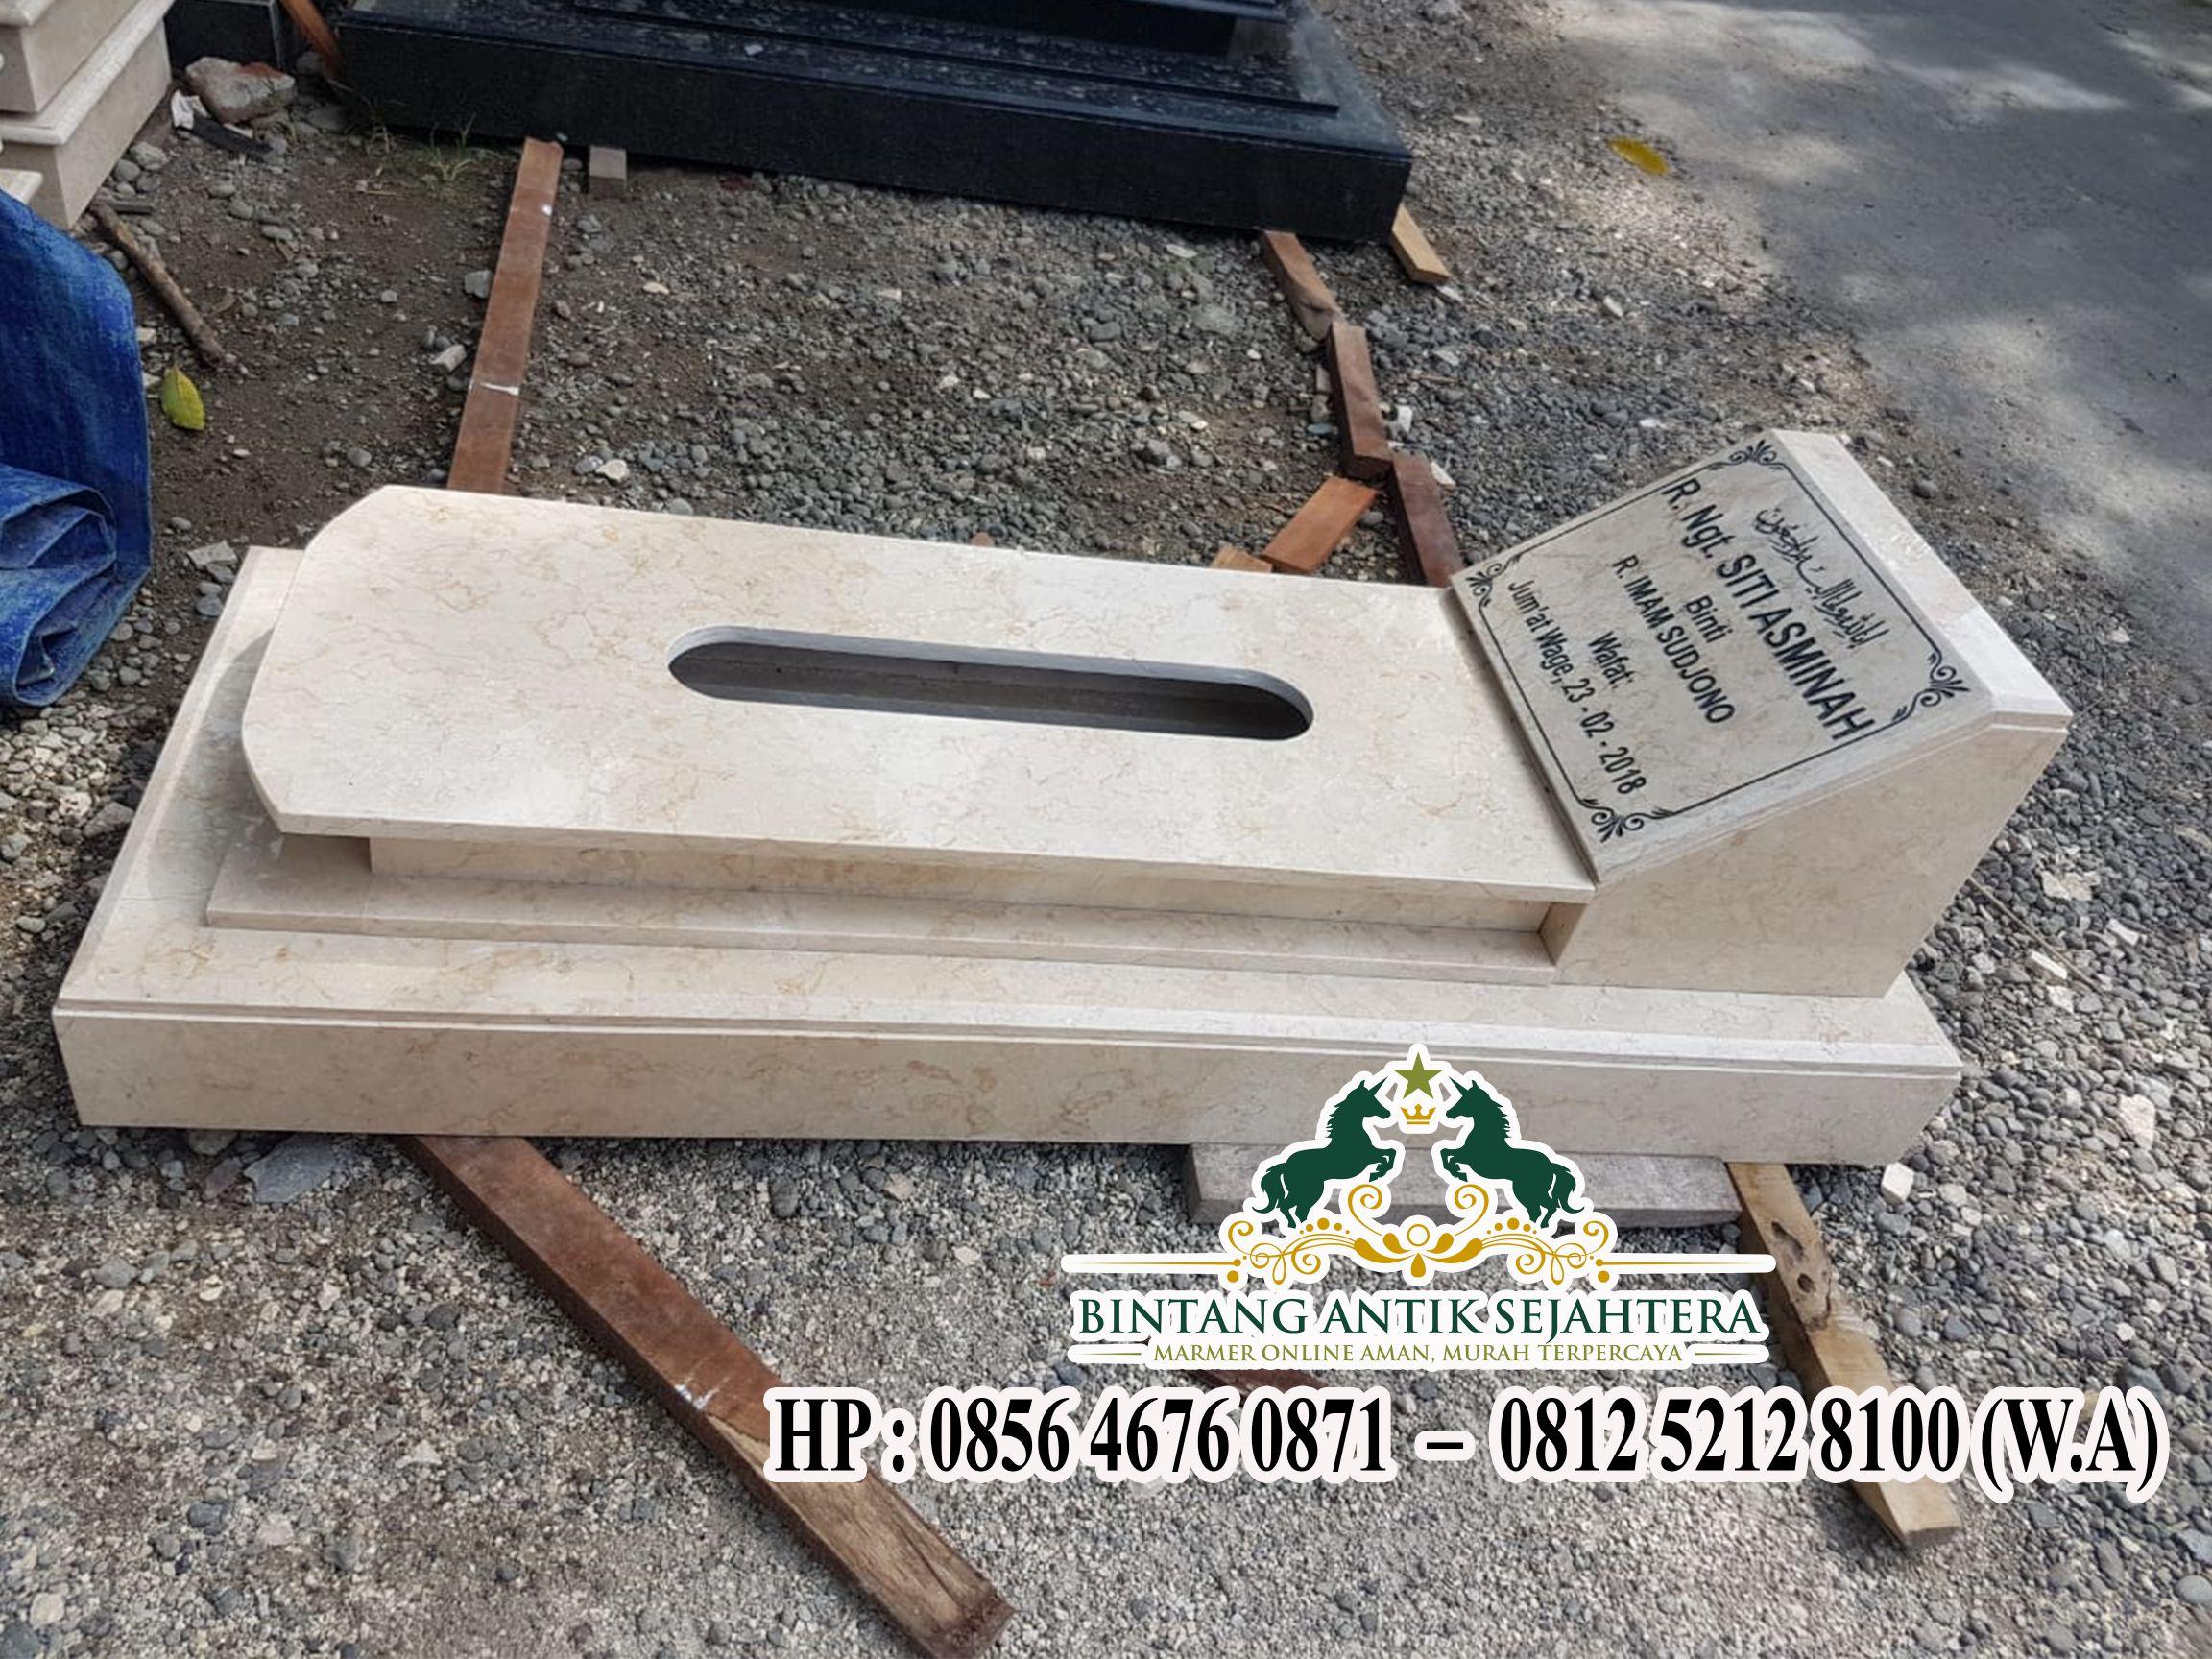 Makam Model Jakartanan Marmer   Kijing Pemakaman Batu Alam